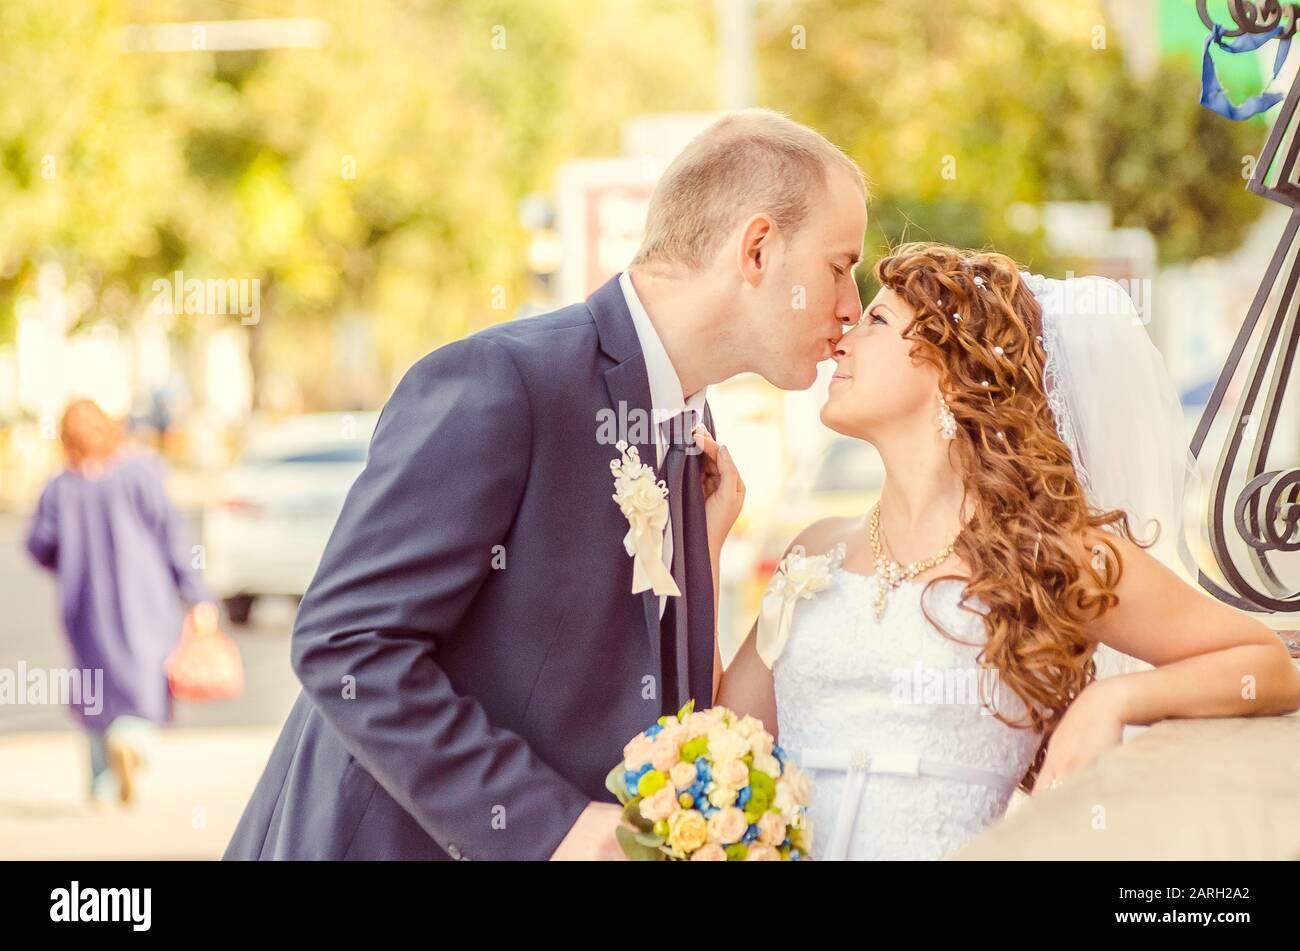 Heiraten frau aus ukraine Ukrainische Frau